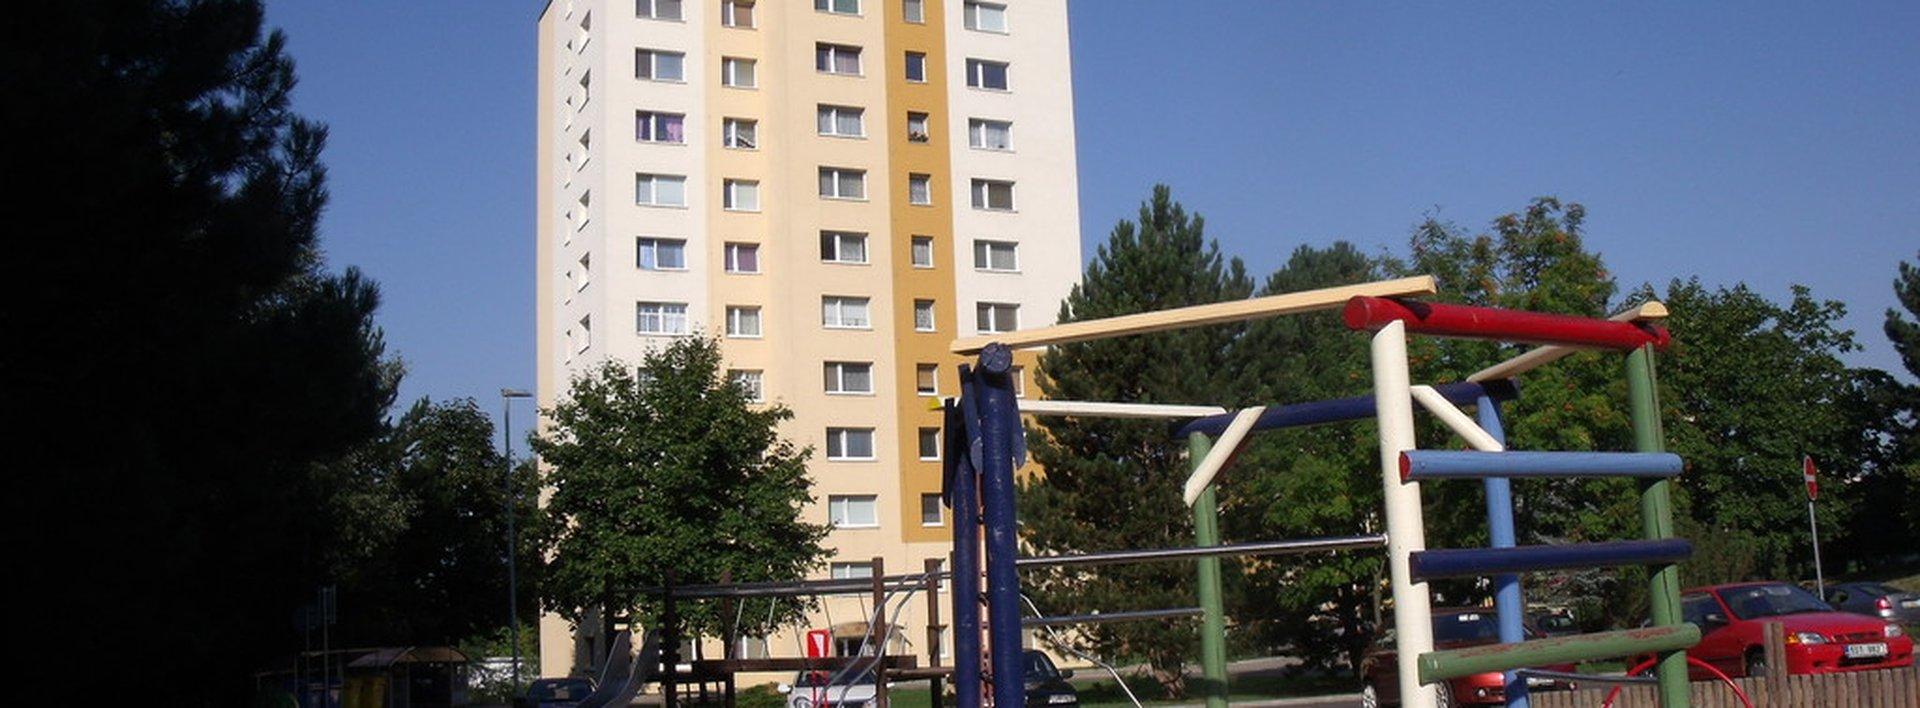 Prodej útulného bytu 2+kk v Hrádku nad Nisou, Ev.č.: N47400